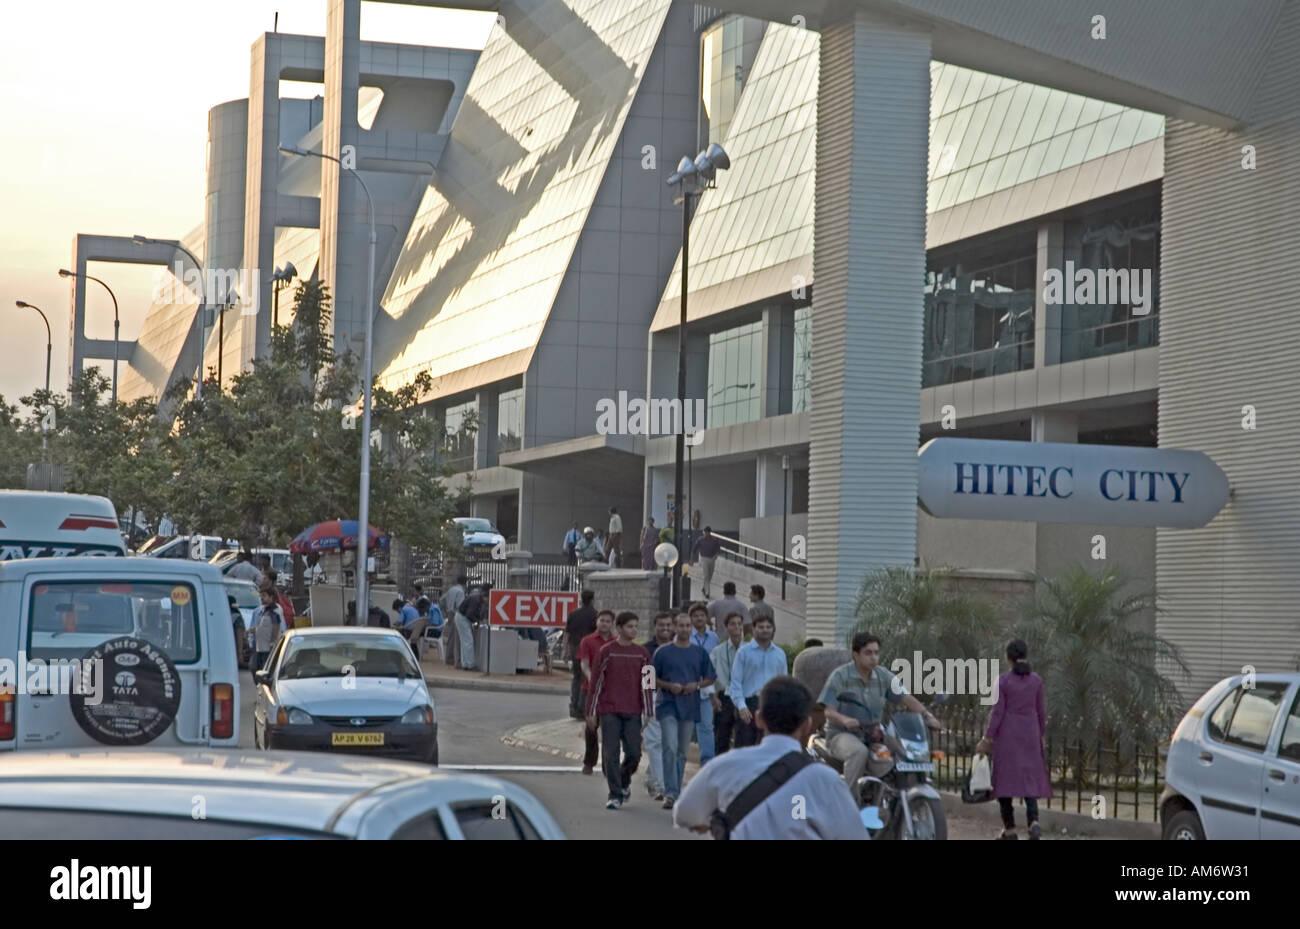 I lavoratori in uscita del Gateway Cyber edificio dopo una lunga giornata di lavoro, foto scattata in Hyderabad's Cyberabad, India. Immagini Stock